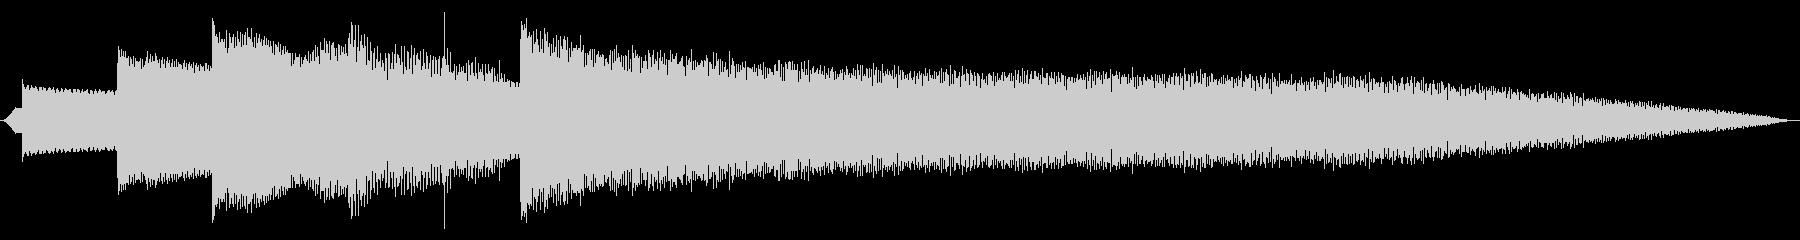 クリスタルベル伝送アクセストーンの未再生の波形